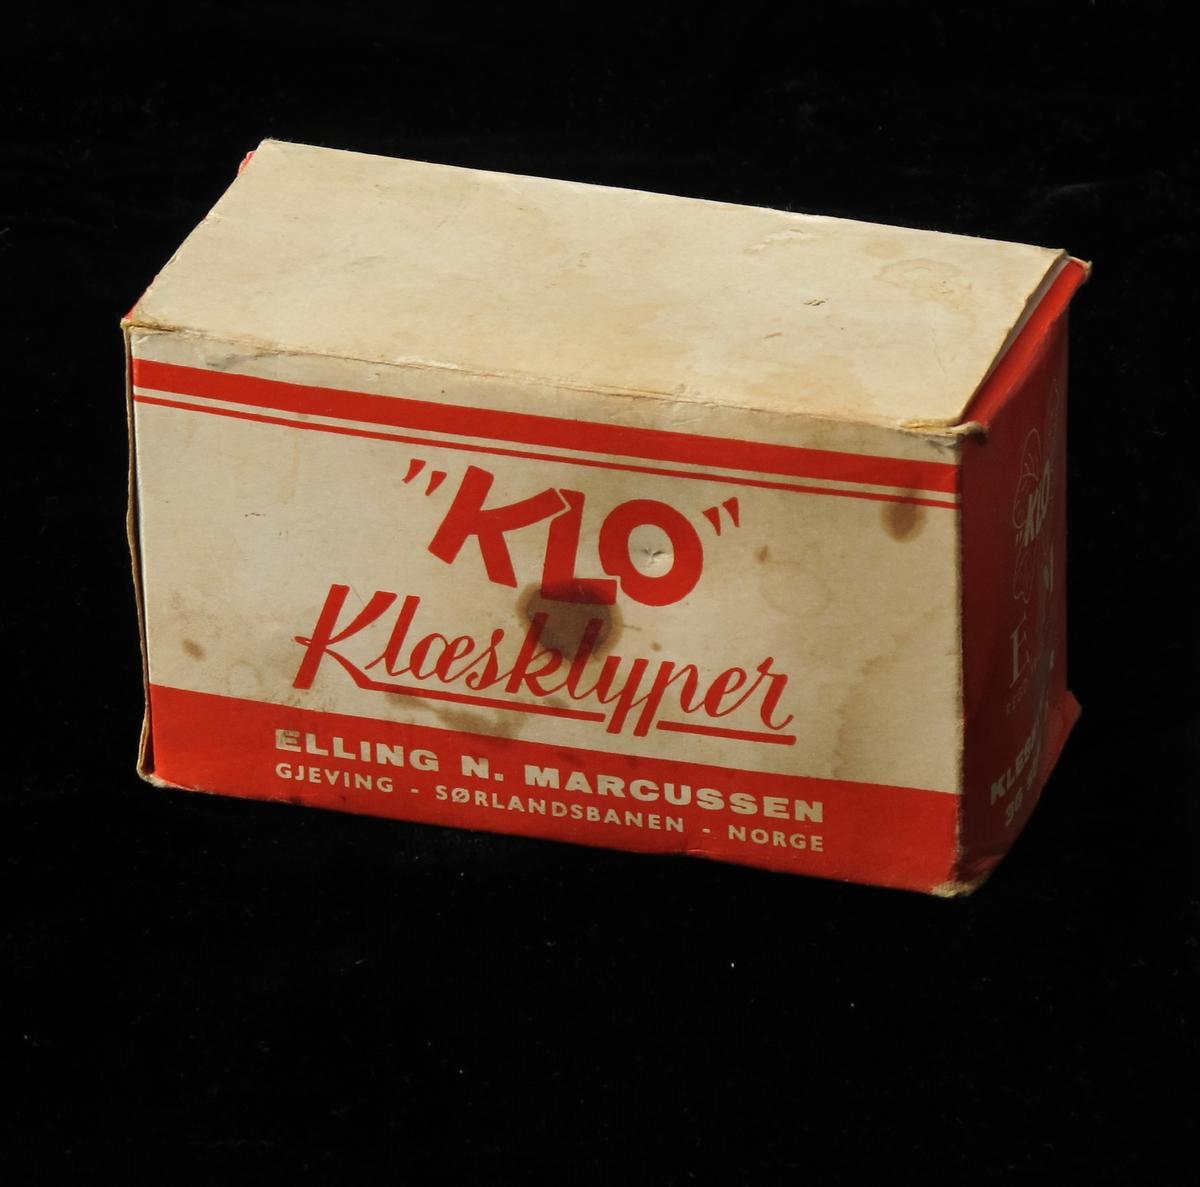 Eske av kartong, trykk i rød farge. Esken inneholder 36 klesklyper av tre.